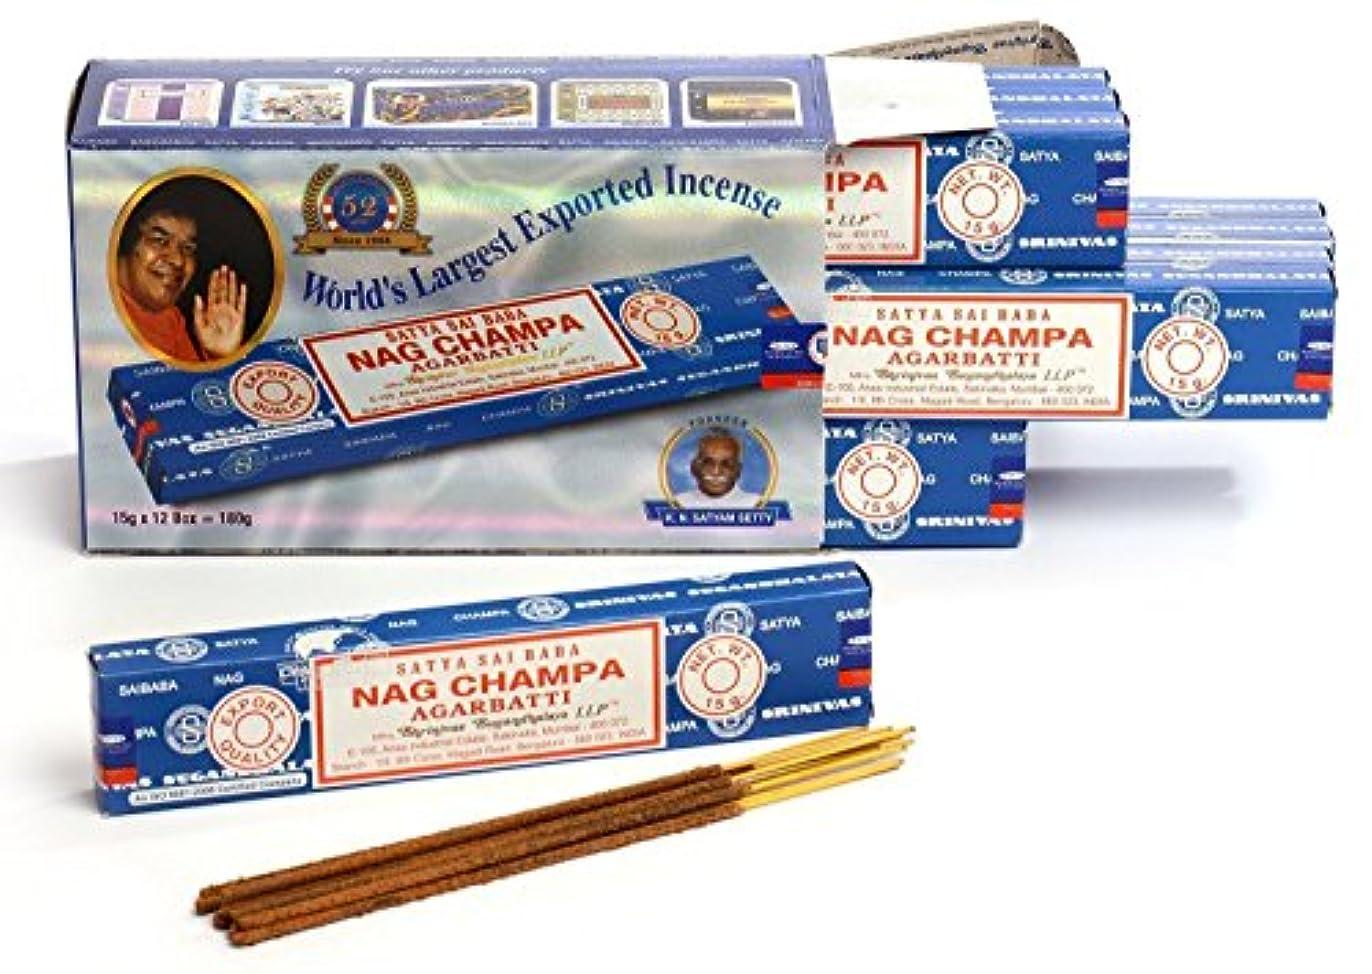 啓示パン蓮Satya Sai Baba Sai Baba Nag Champa Agarbathi 15 gm X 12pkts